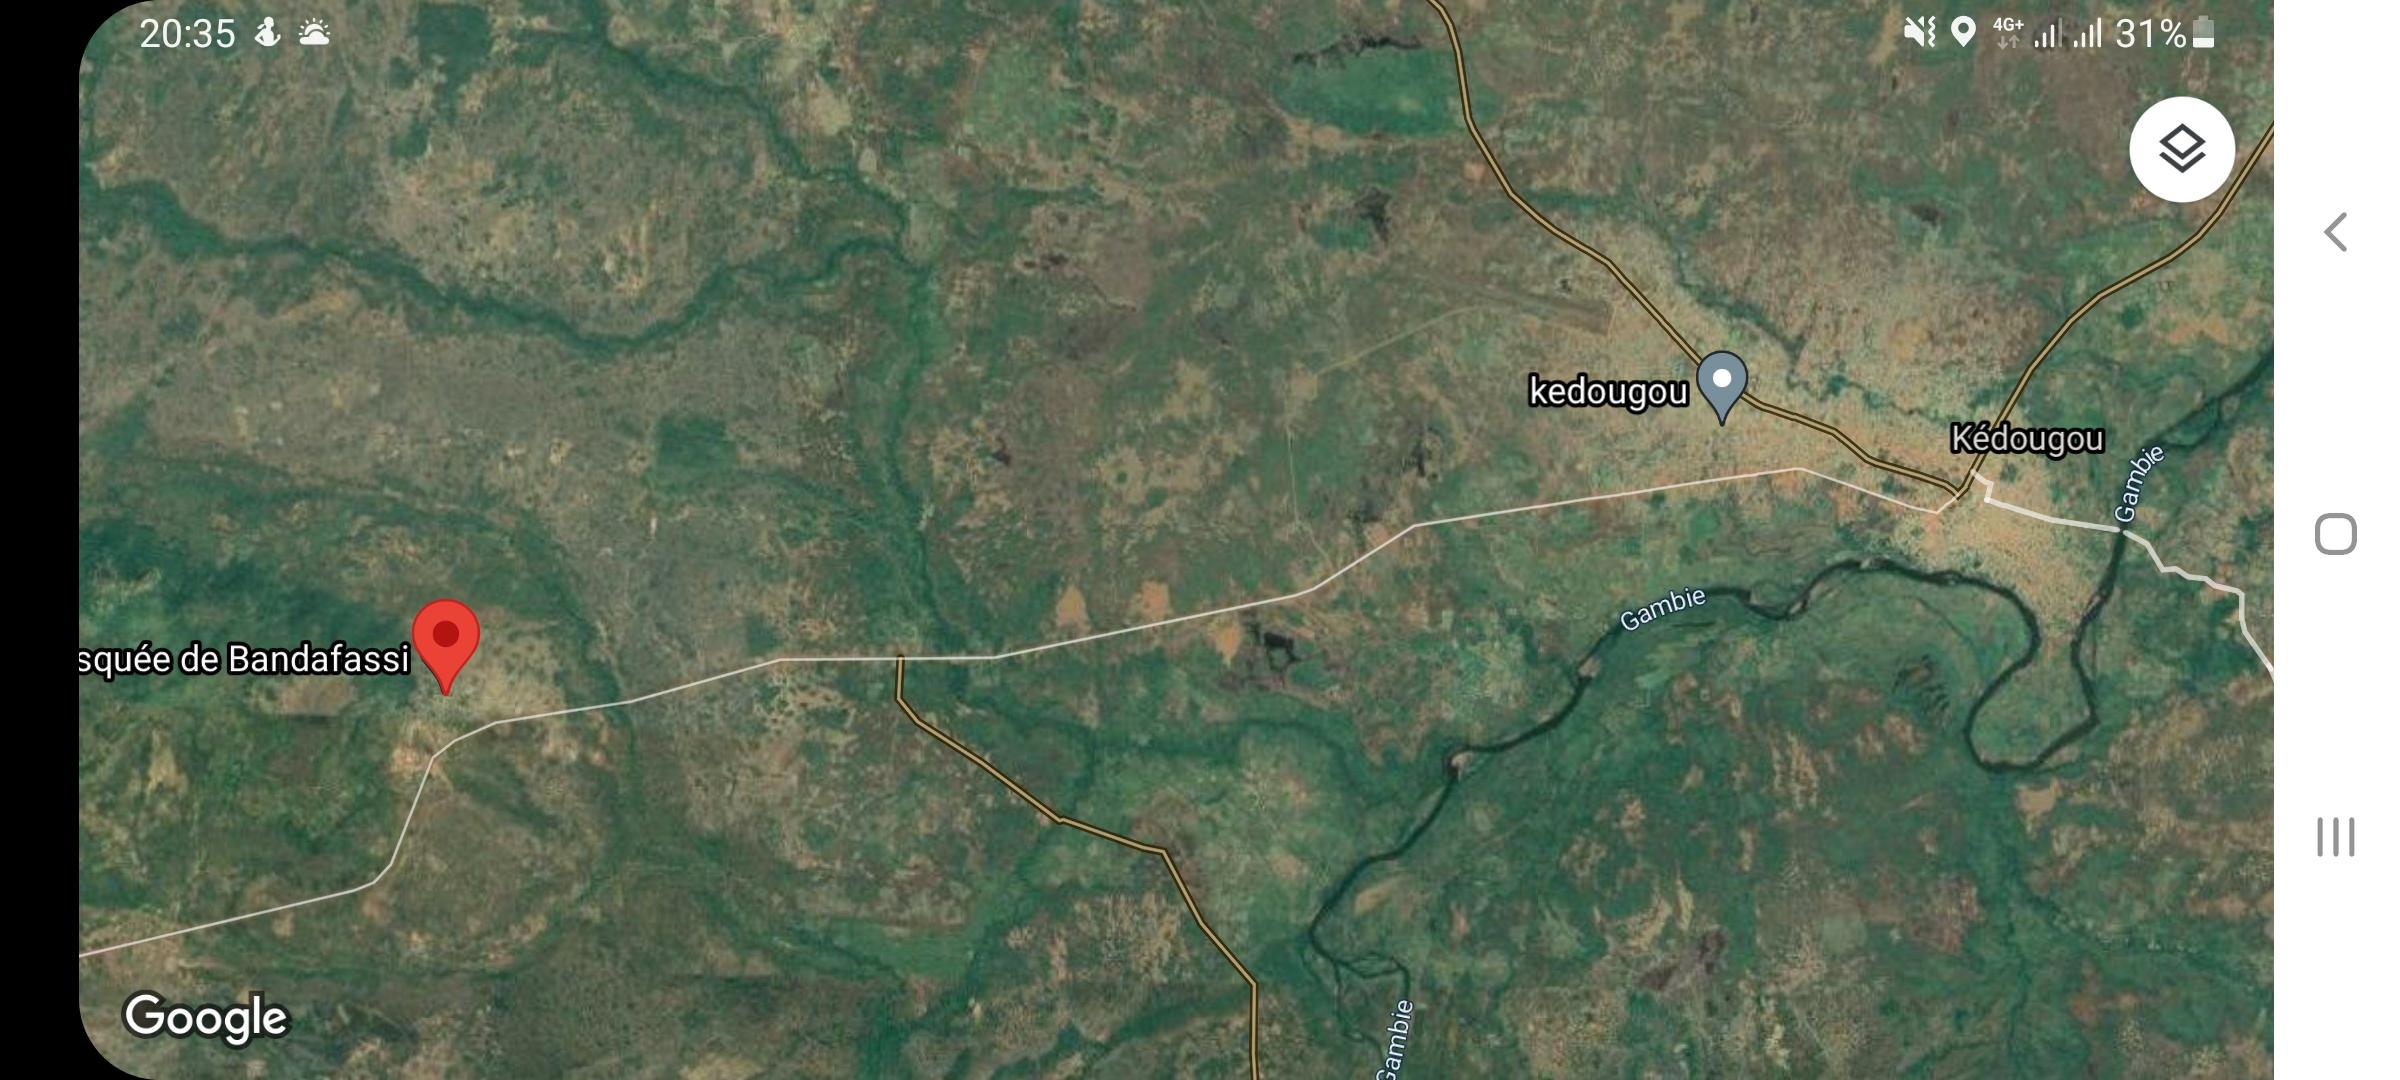 Kédougou / Accident : 4 morts, dont deux élèves, entre Bandafassy et Kédougou.